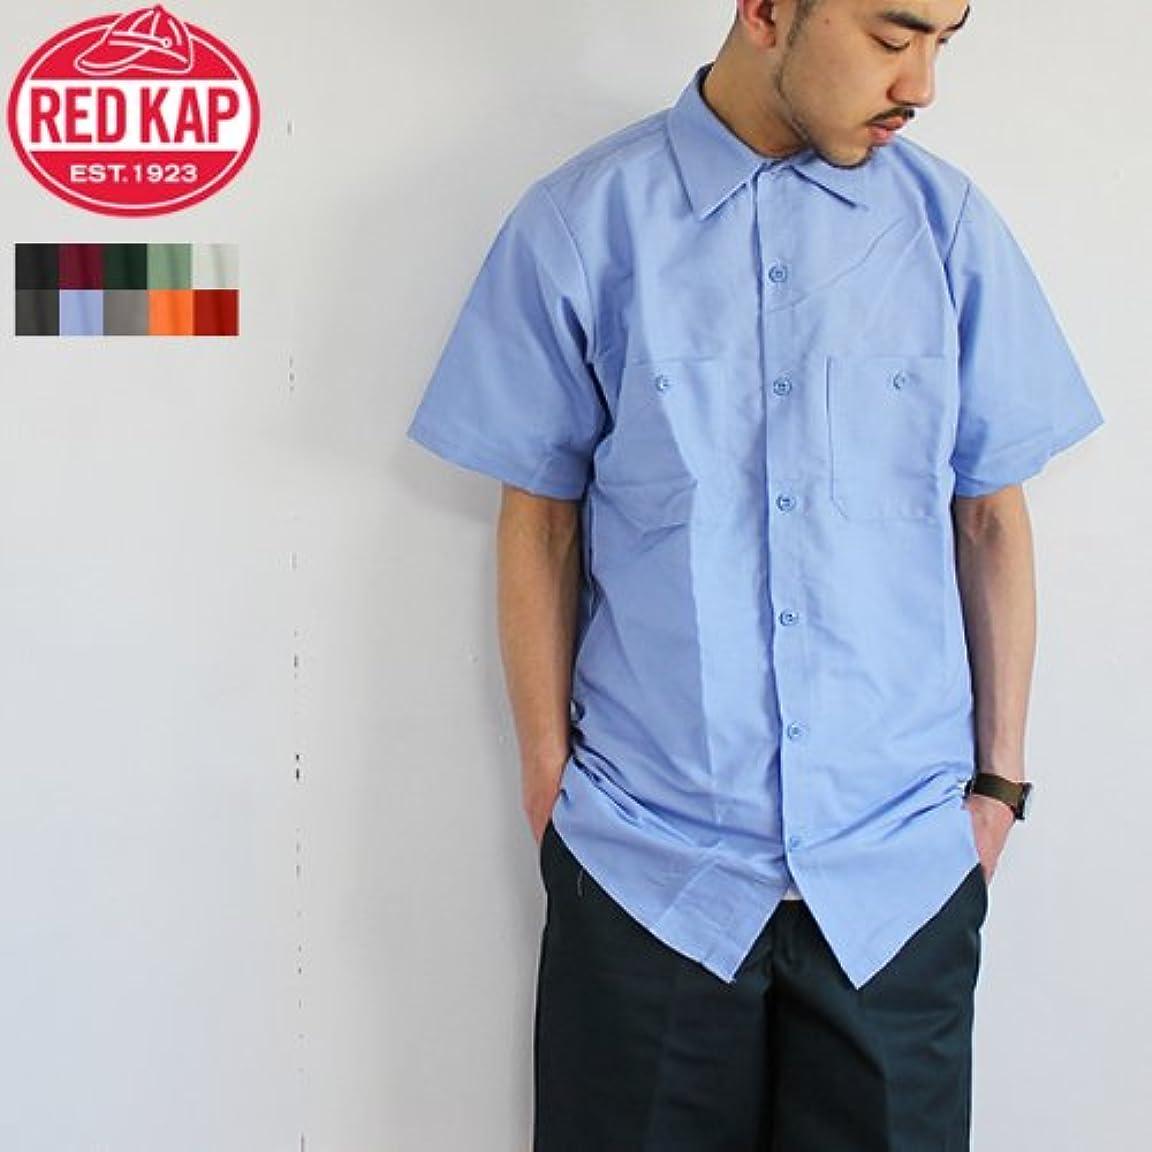 最愛の経験誠実さRED KAPレッドキャップ半袖ワークシャツ無地10カラーSP24IndustrialWorkShirtインダストリアルワークシャツ